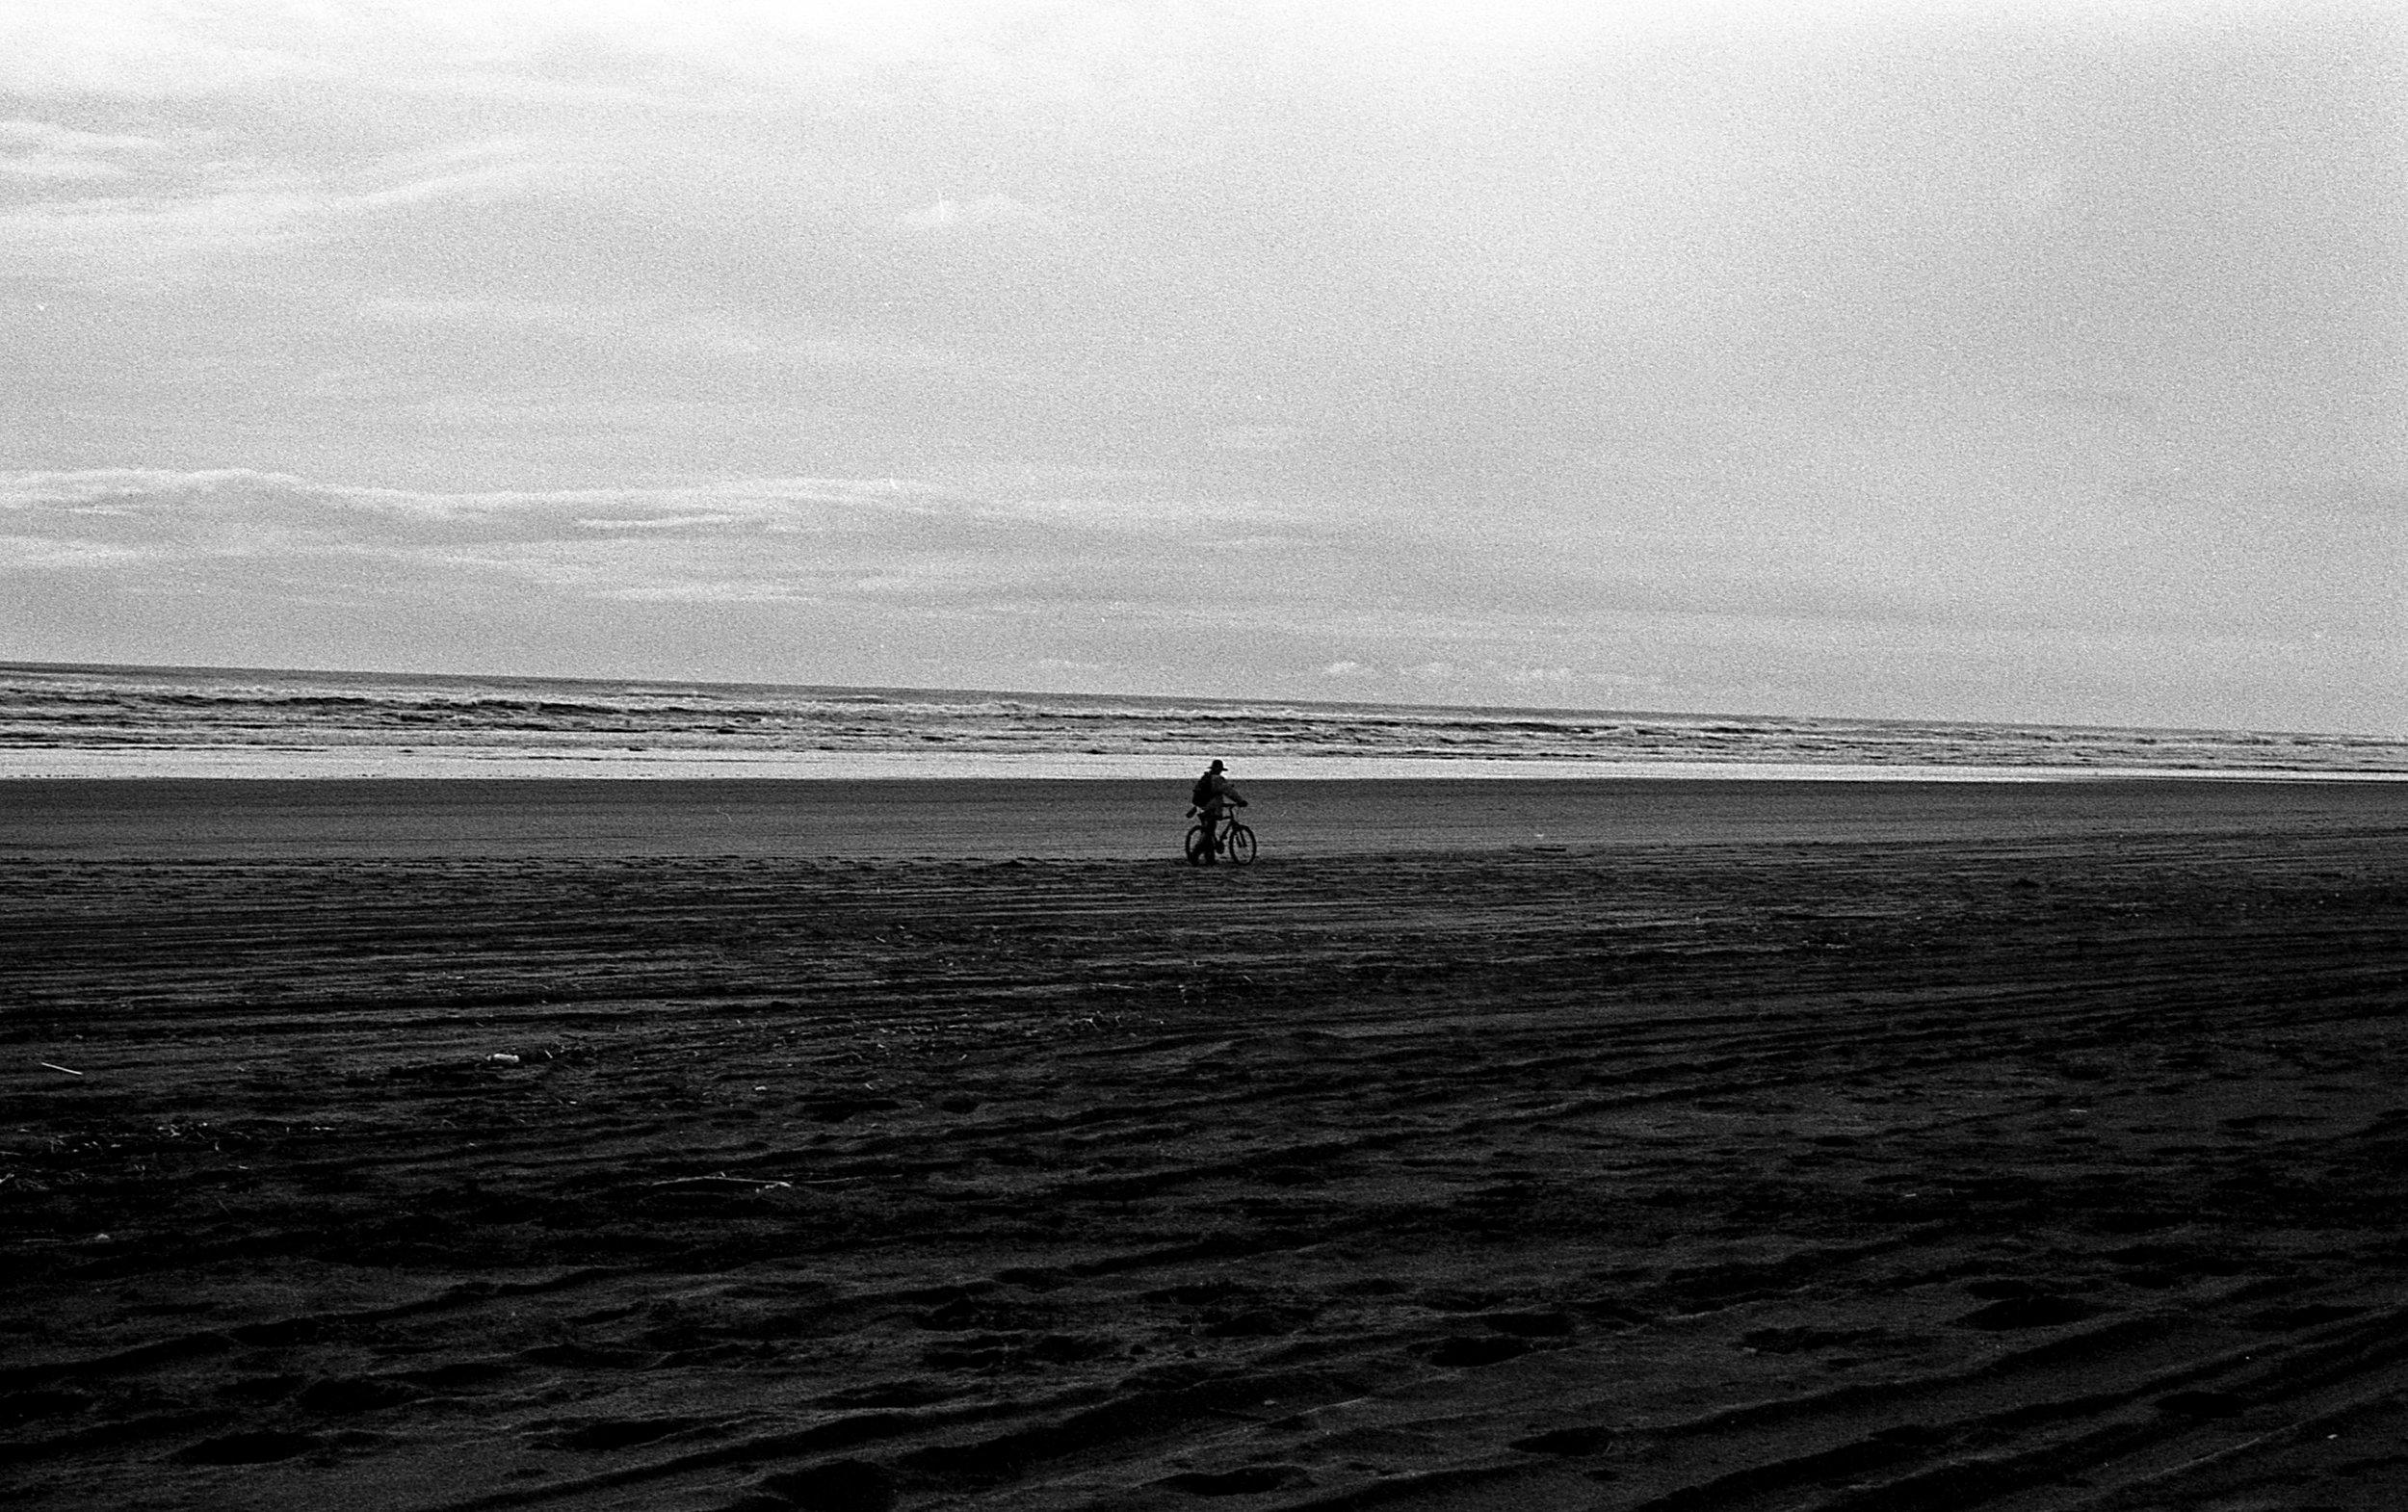 Long Beach022.jpg